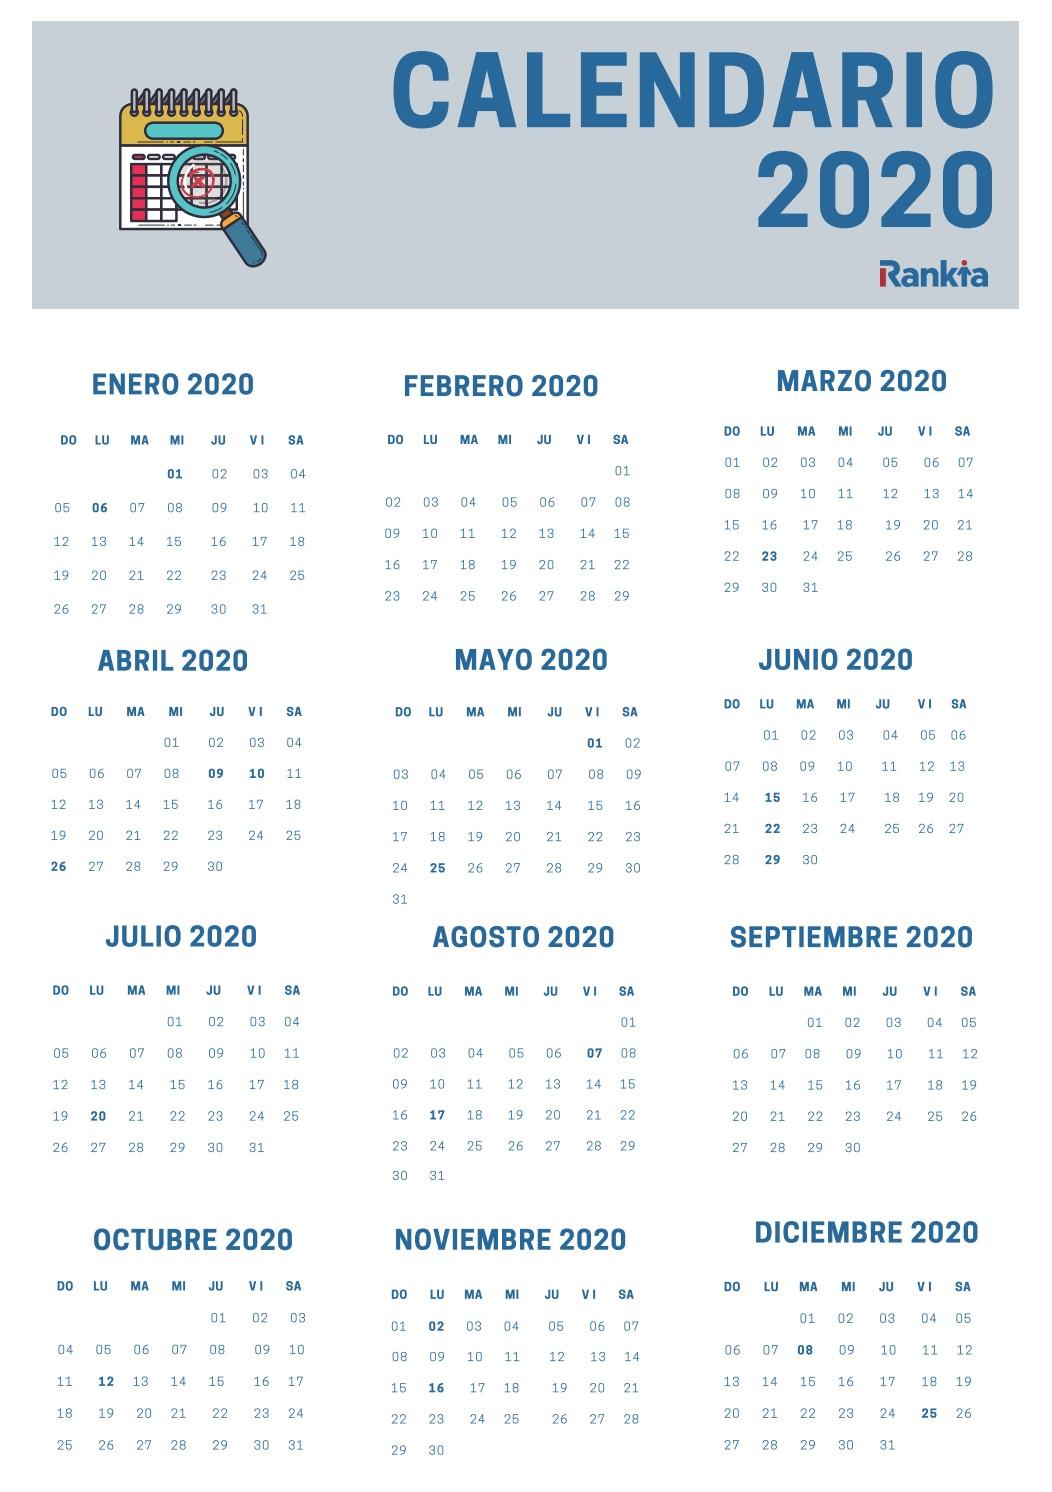 calendario laboral colombia dias festivos 2020